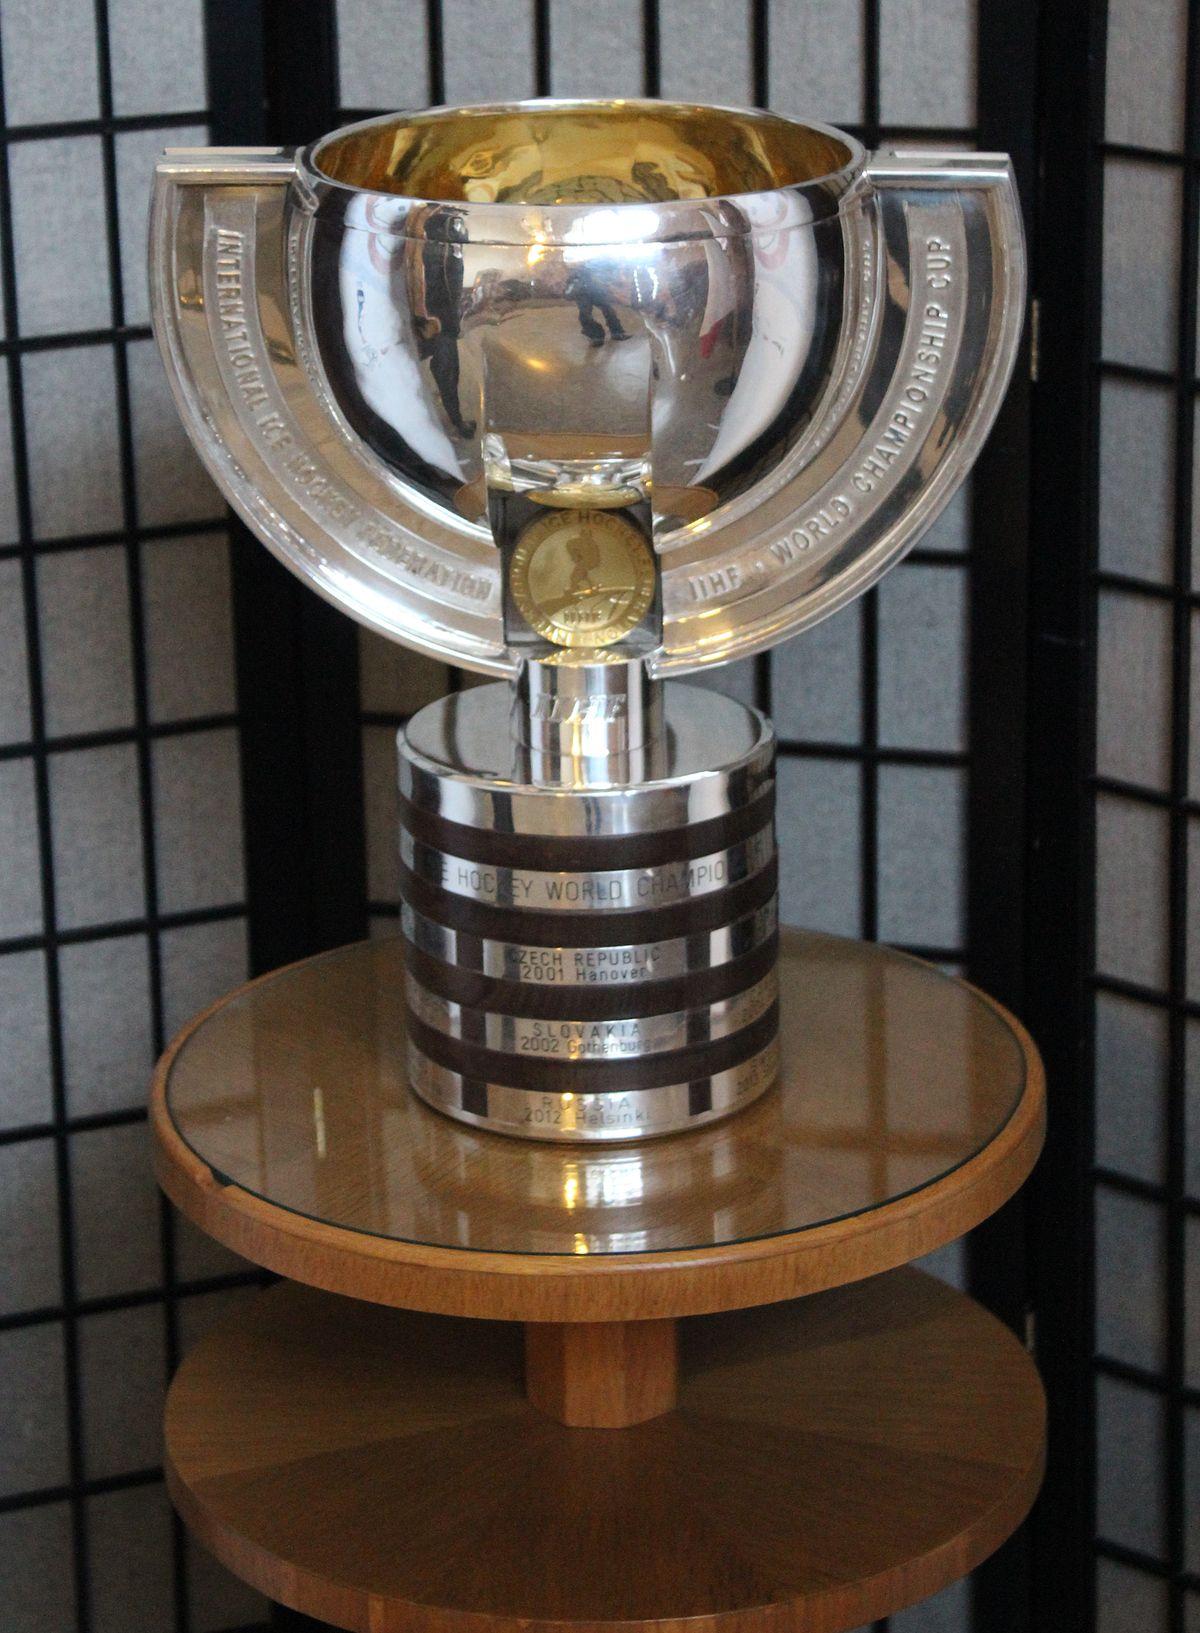 Championnat du monde de hockey sur glace wikip dia - Saint de glace 2018 ...